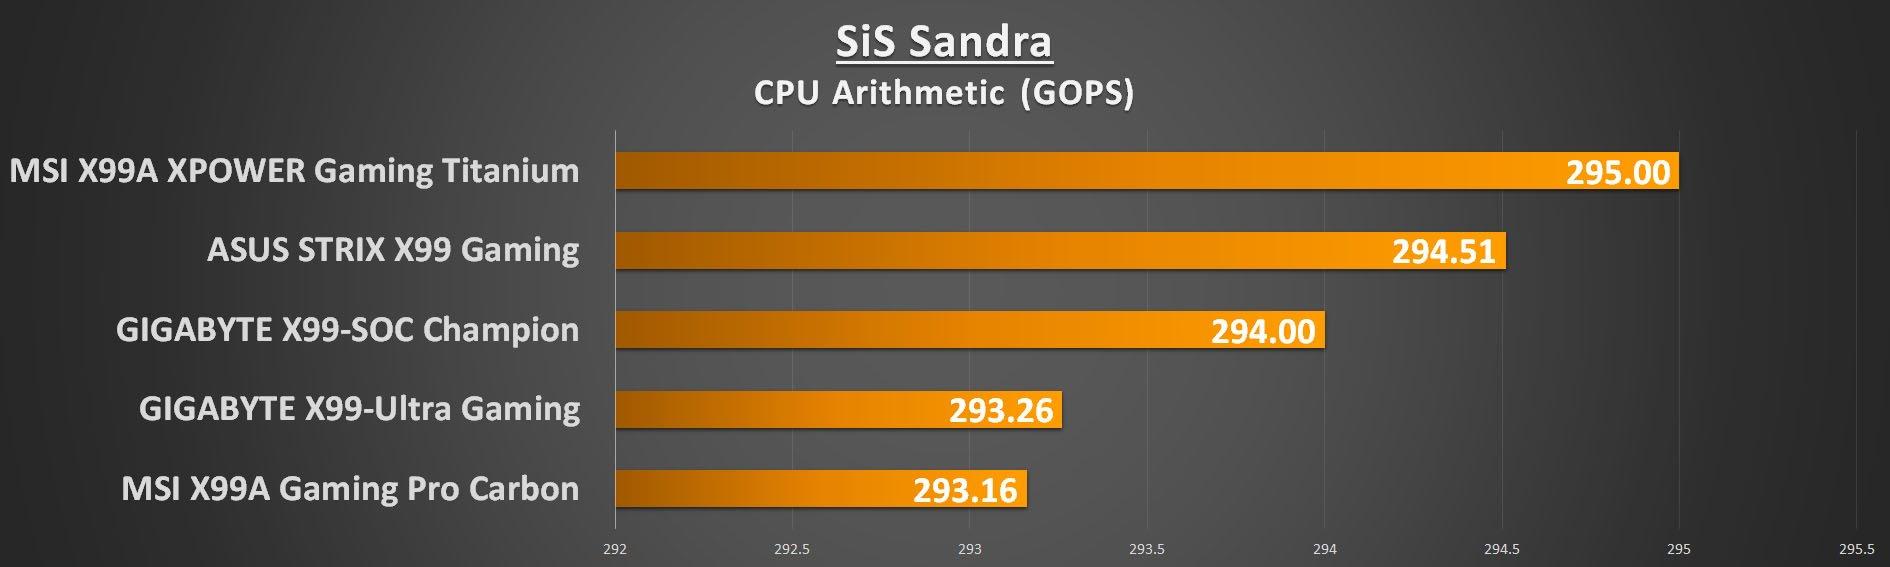 gigabyte-x99-ultra-gaming-sandra-cpu-arith